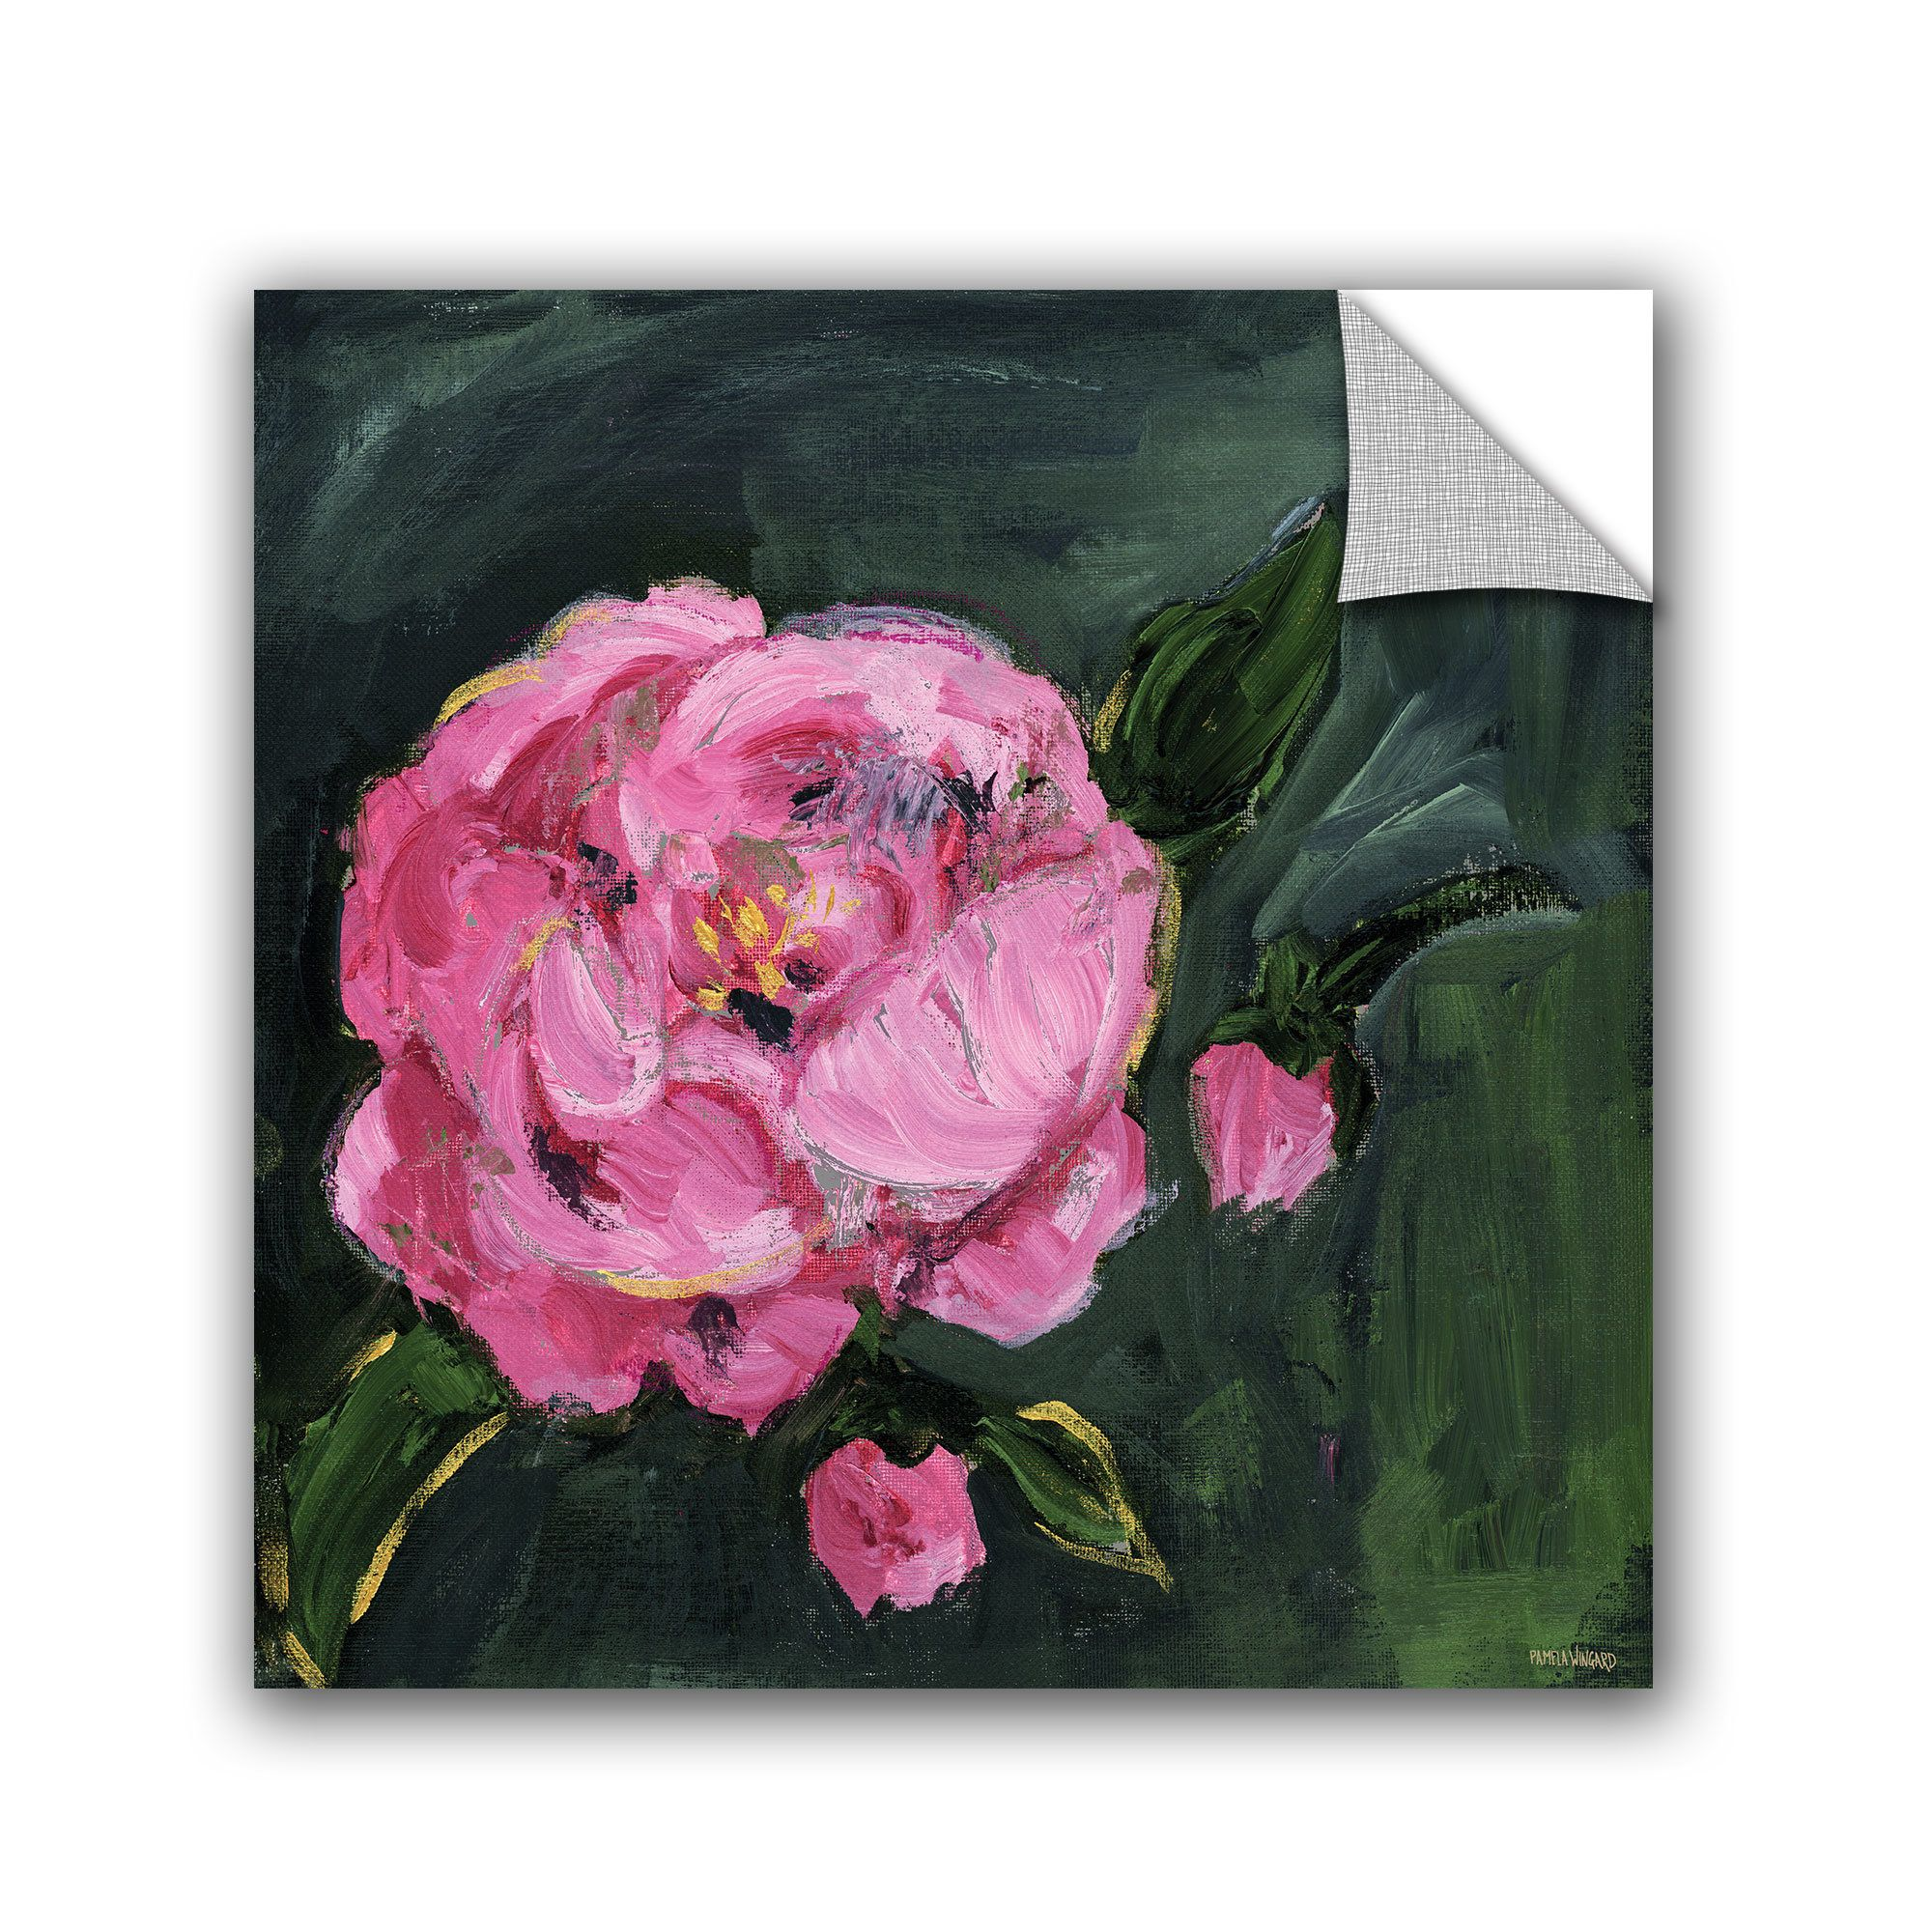 Pamela J. Wingard Romantic Floral I Wall Decal